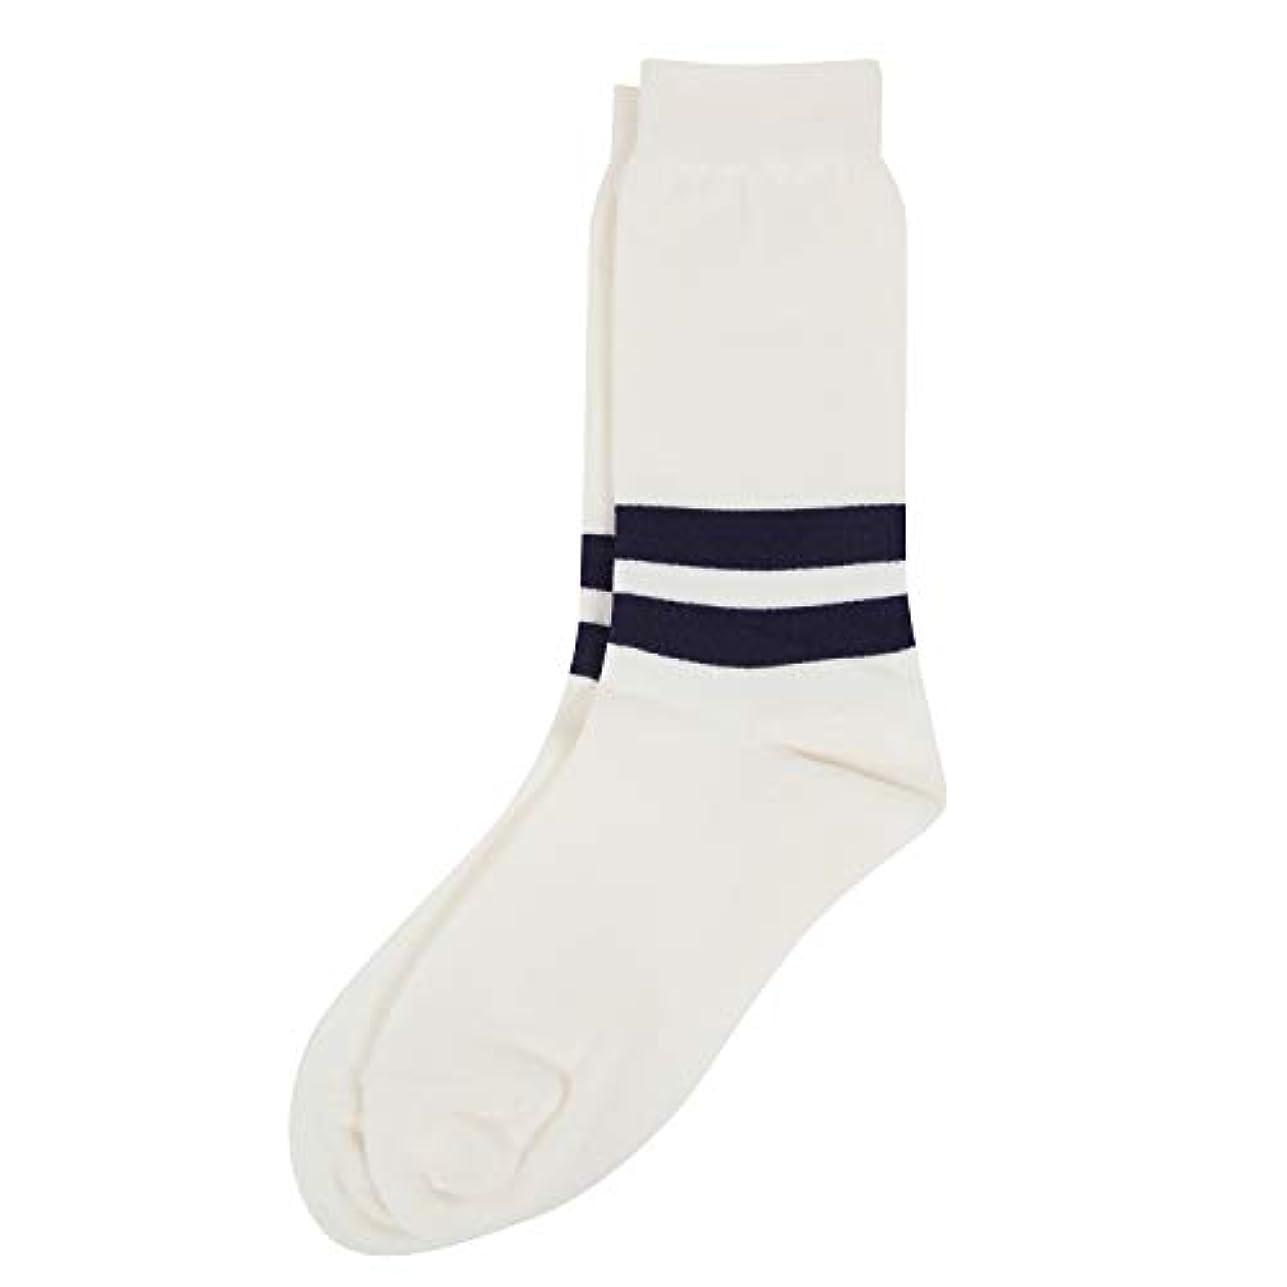 服を洗う独占妨げるDeol(デオル) ラインソックス 男性用 メンズ [足のニオイ対策] 長期間持続 日本製 無地 靴下 白 25cm-27cm